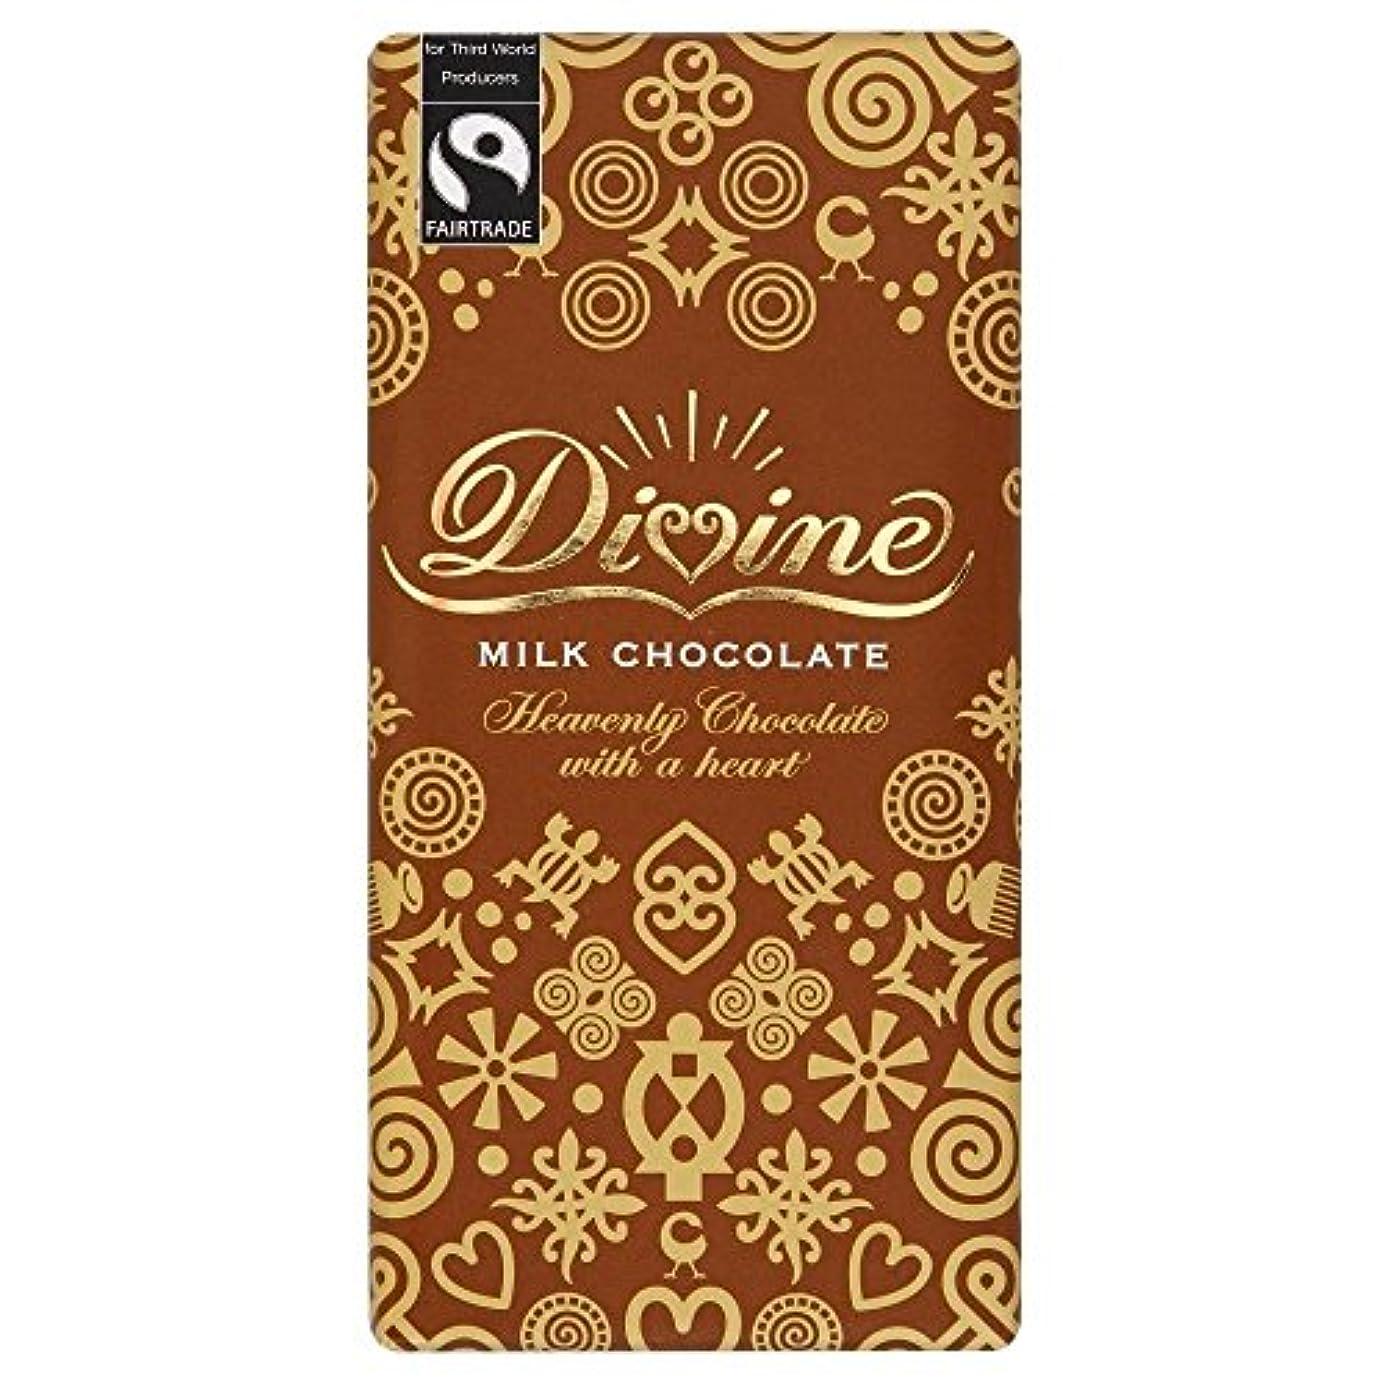 メアリアンジョーンズ言うまでもなく評価するDivine Fairtrade Milk Chocolate (100g) 神のフェアトレードミルクチョコレート( 100グラム)